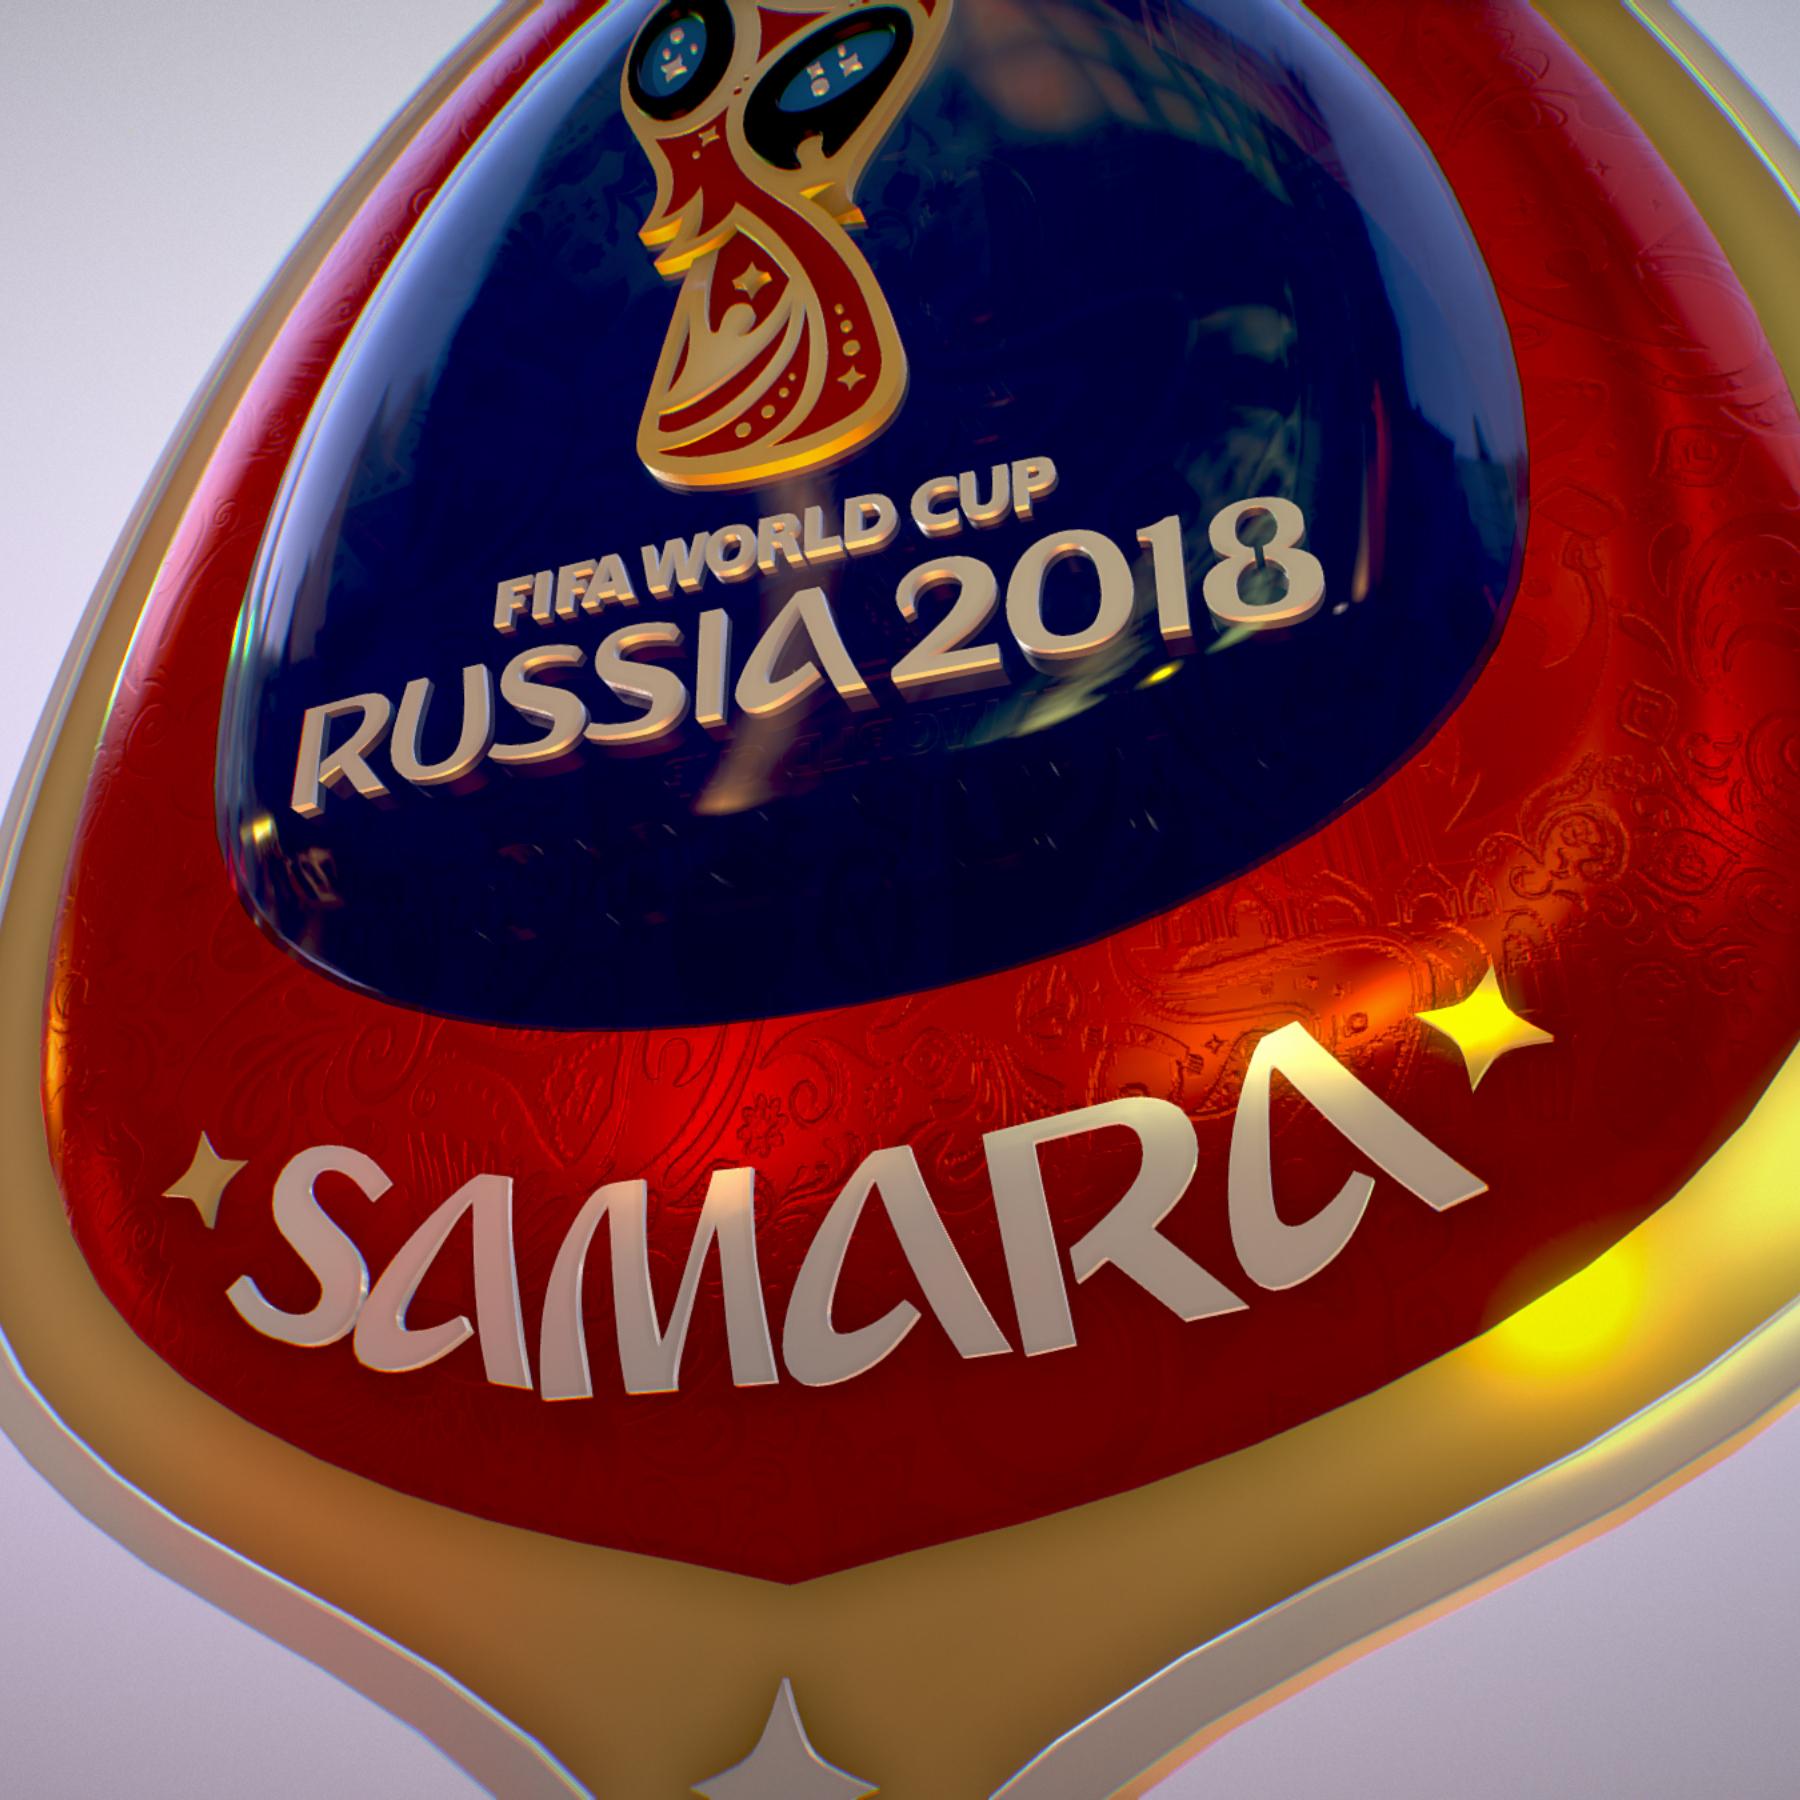 samara host city world cup russia 2018 symbol 3d model max  fbx jpeg jpg ma mb obj 271828